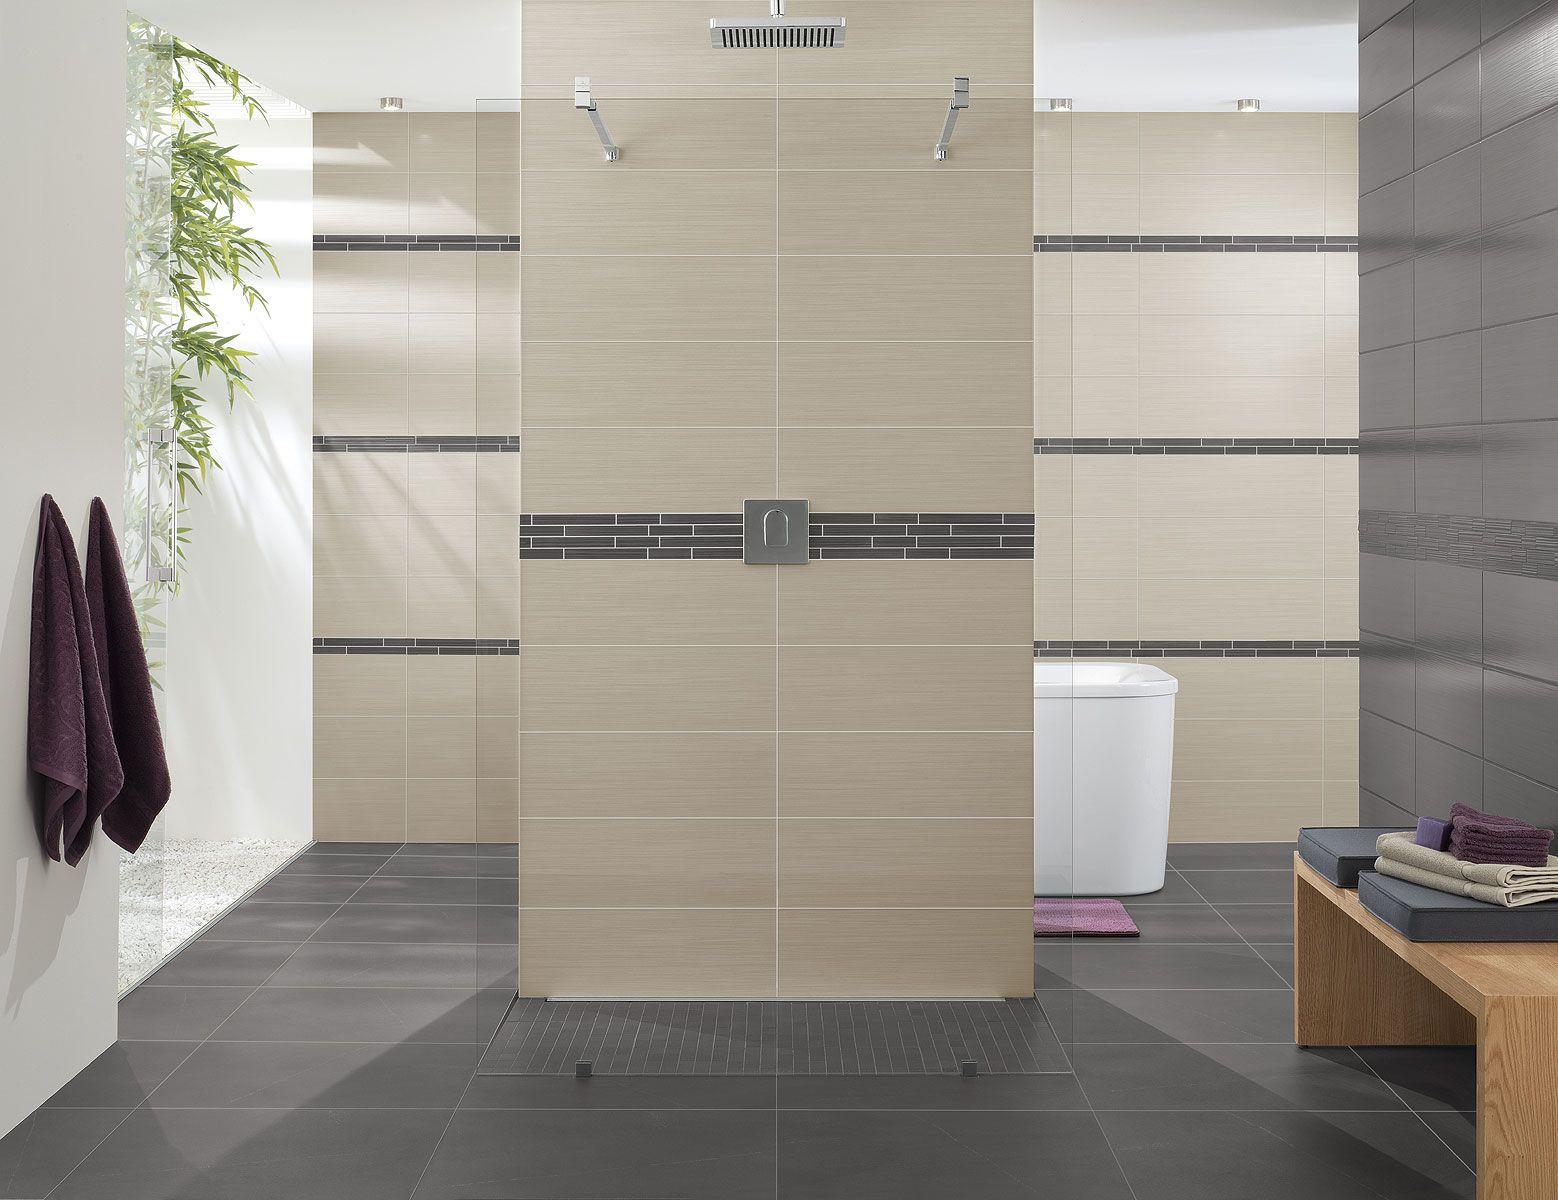 Carrelage design salle de bain beige-gris Timeline   Espace Aubade ...